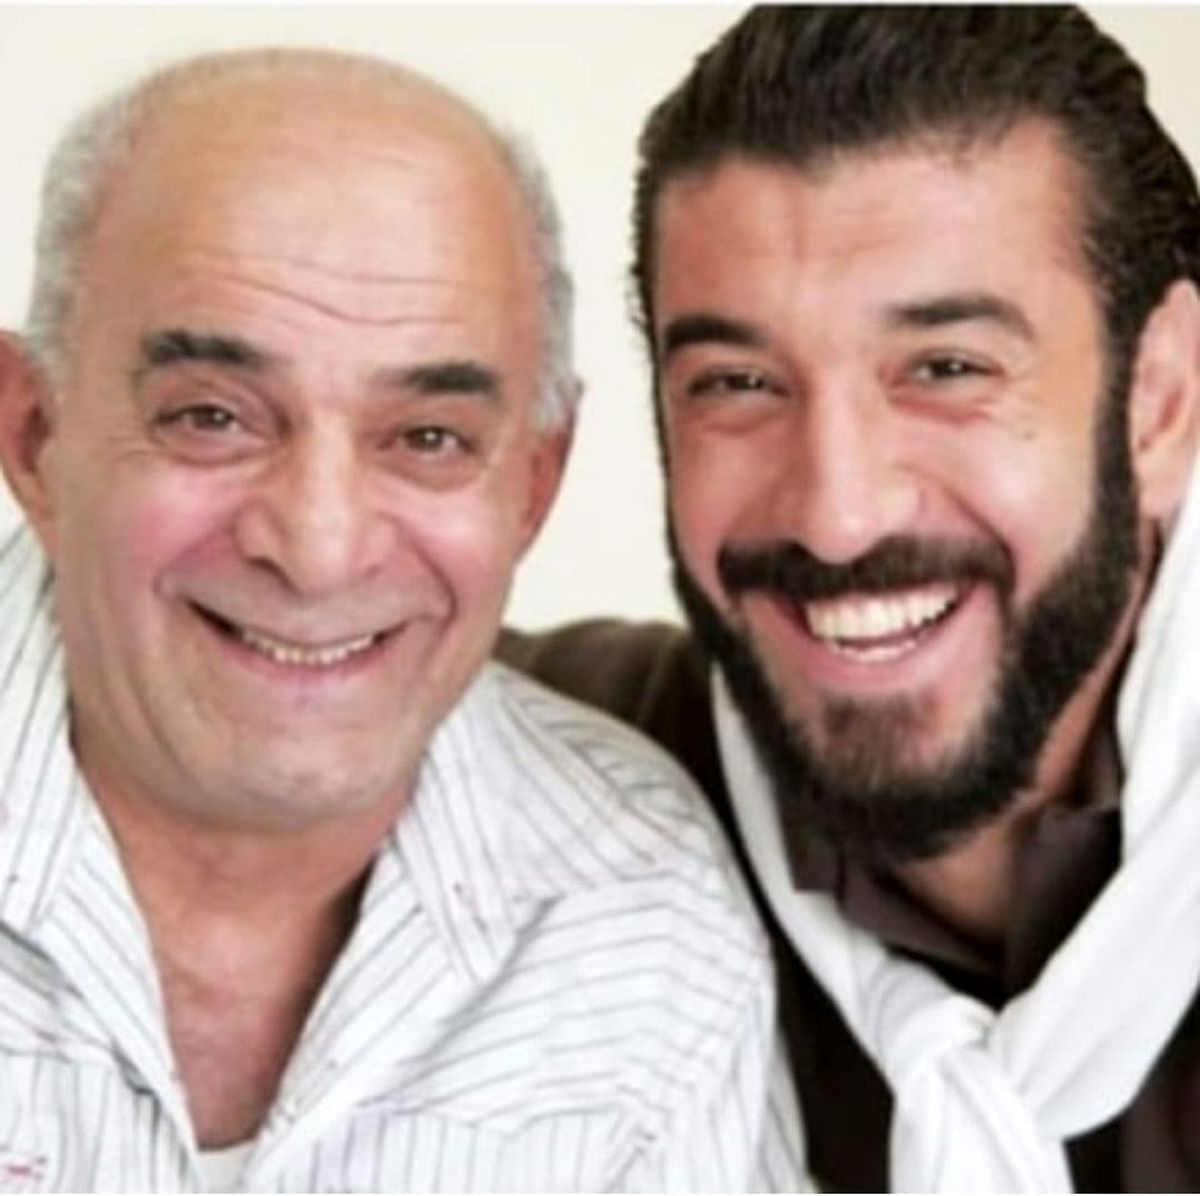 عکسی متفاوت از مرحوم سیروس گرجستانی و علی انصاریان